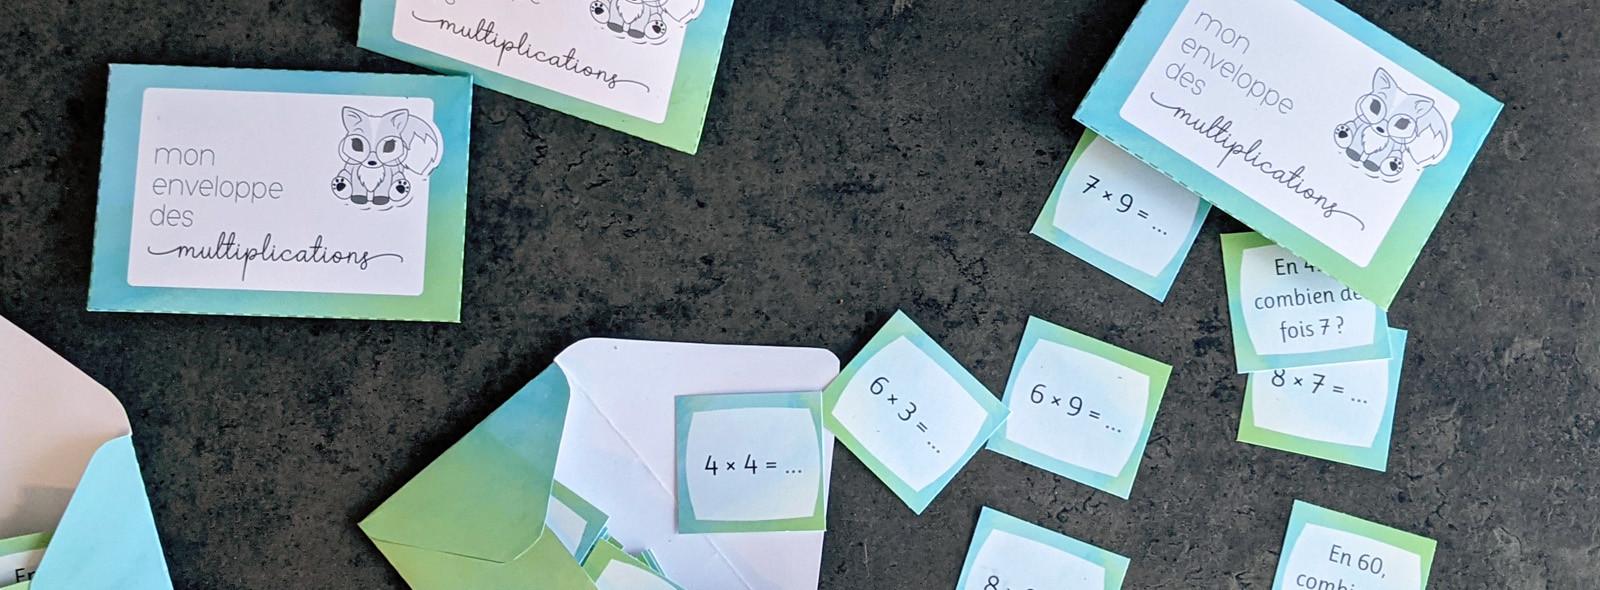 Enveloppes des multiplications